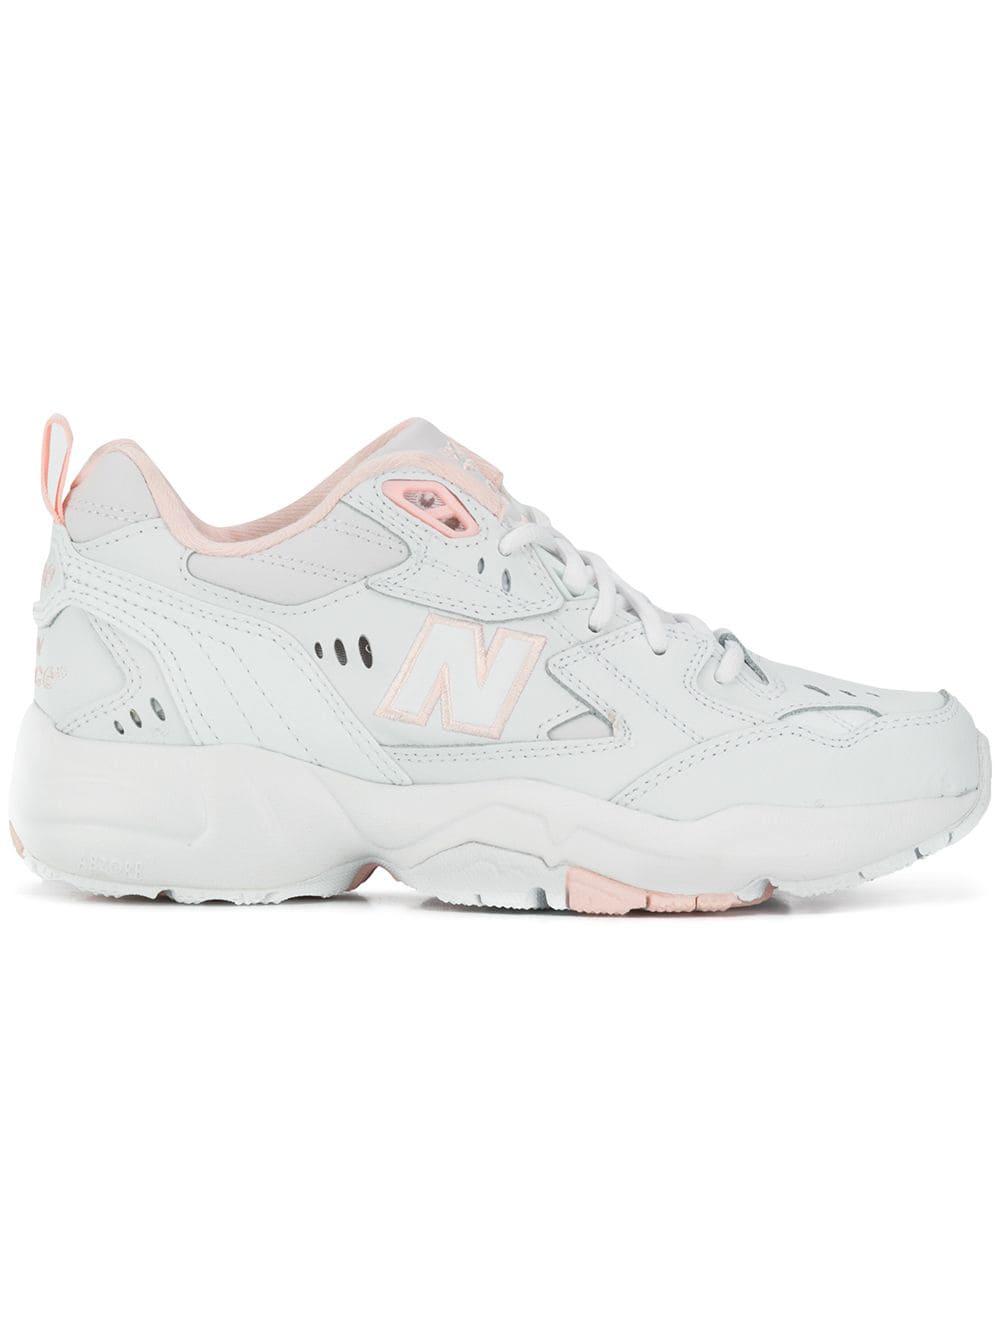 Stima Richiamare fare ricorso  New Balance 608v1 Lace-up Sneakers In White | ModeSens